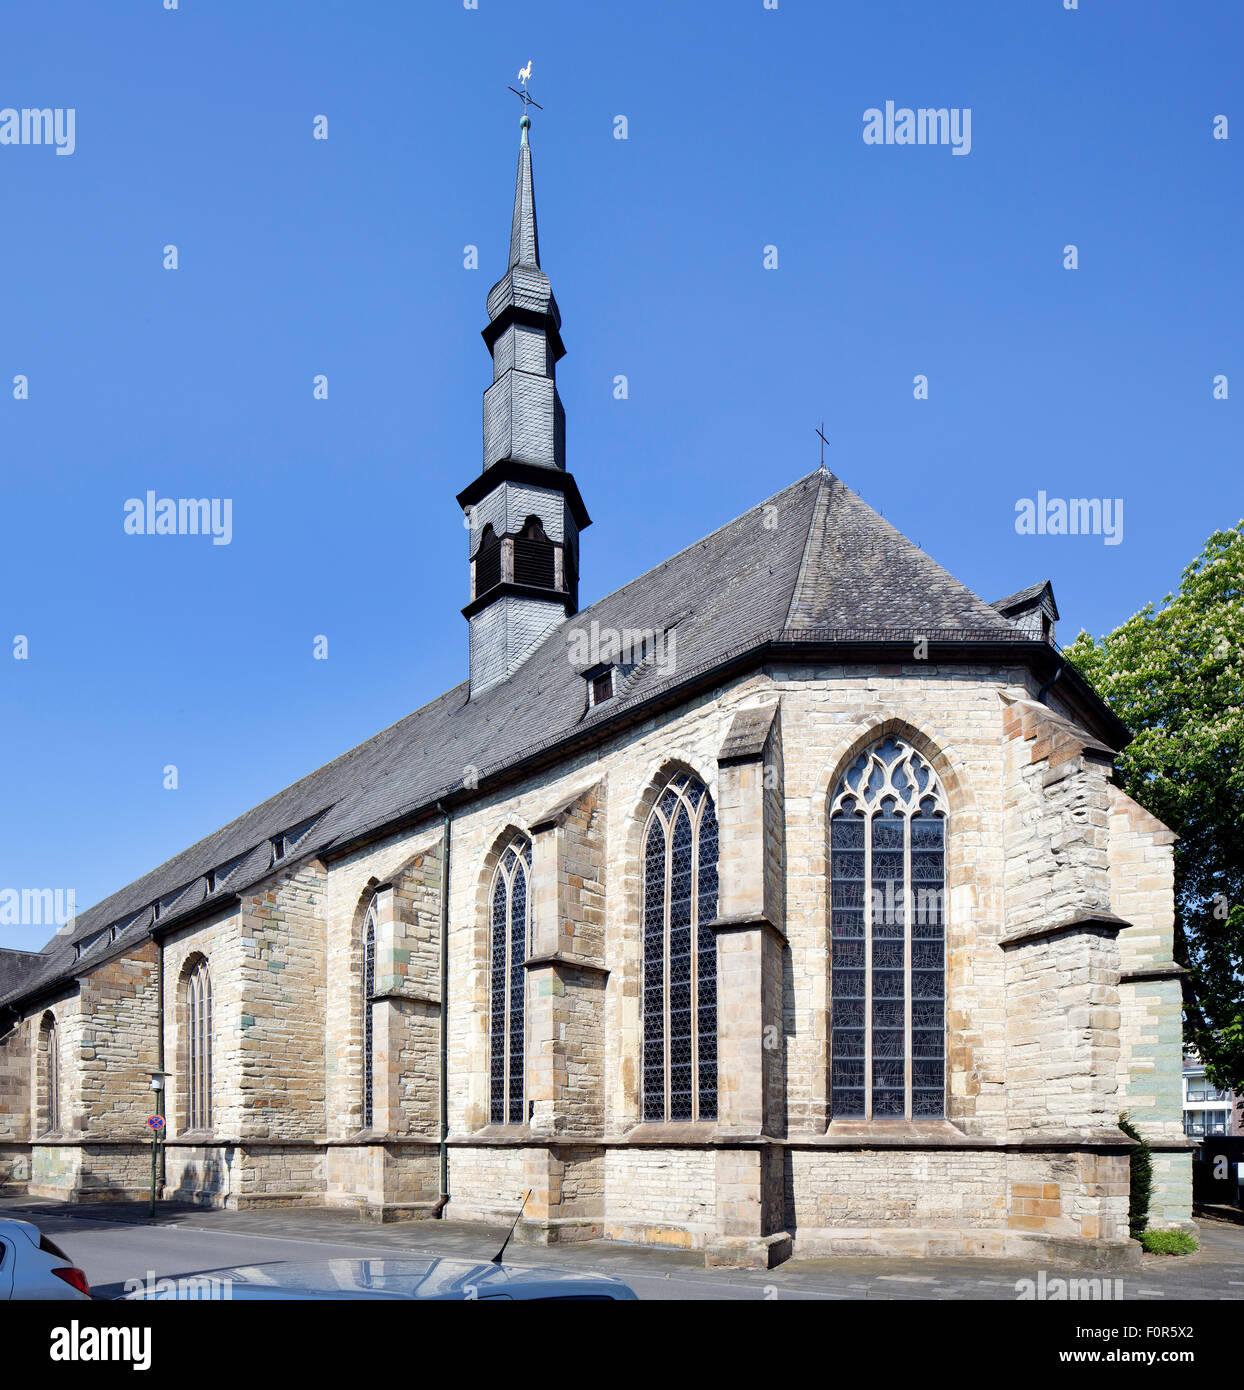 Catholic parish church of St. Agnes, Hamm, Westphalia, North Rhine-Westphalia, Germany - Stock Image